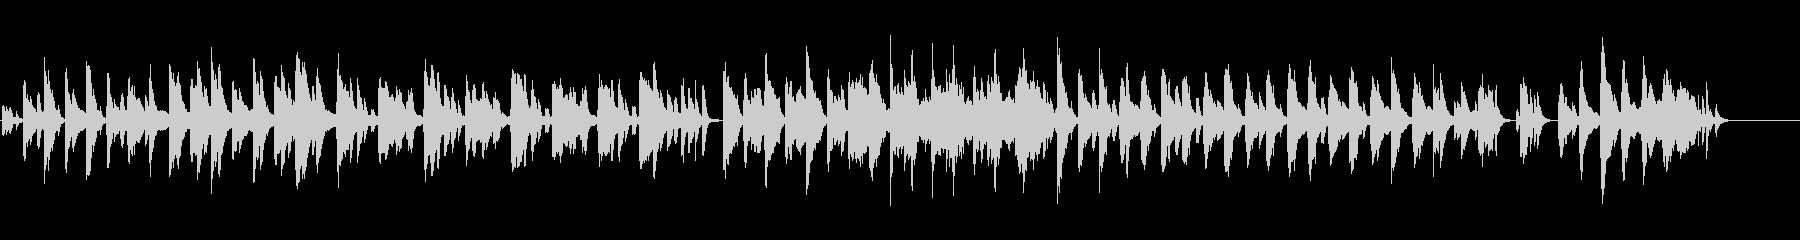 ハープのファンタジーな曲の未再生の波形